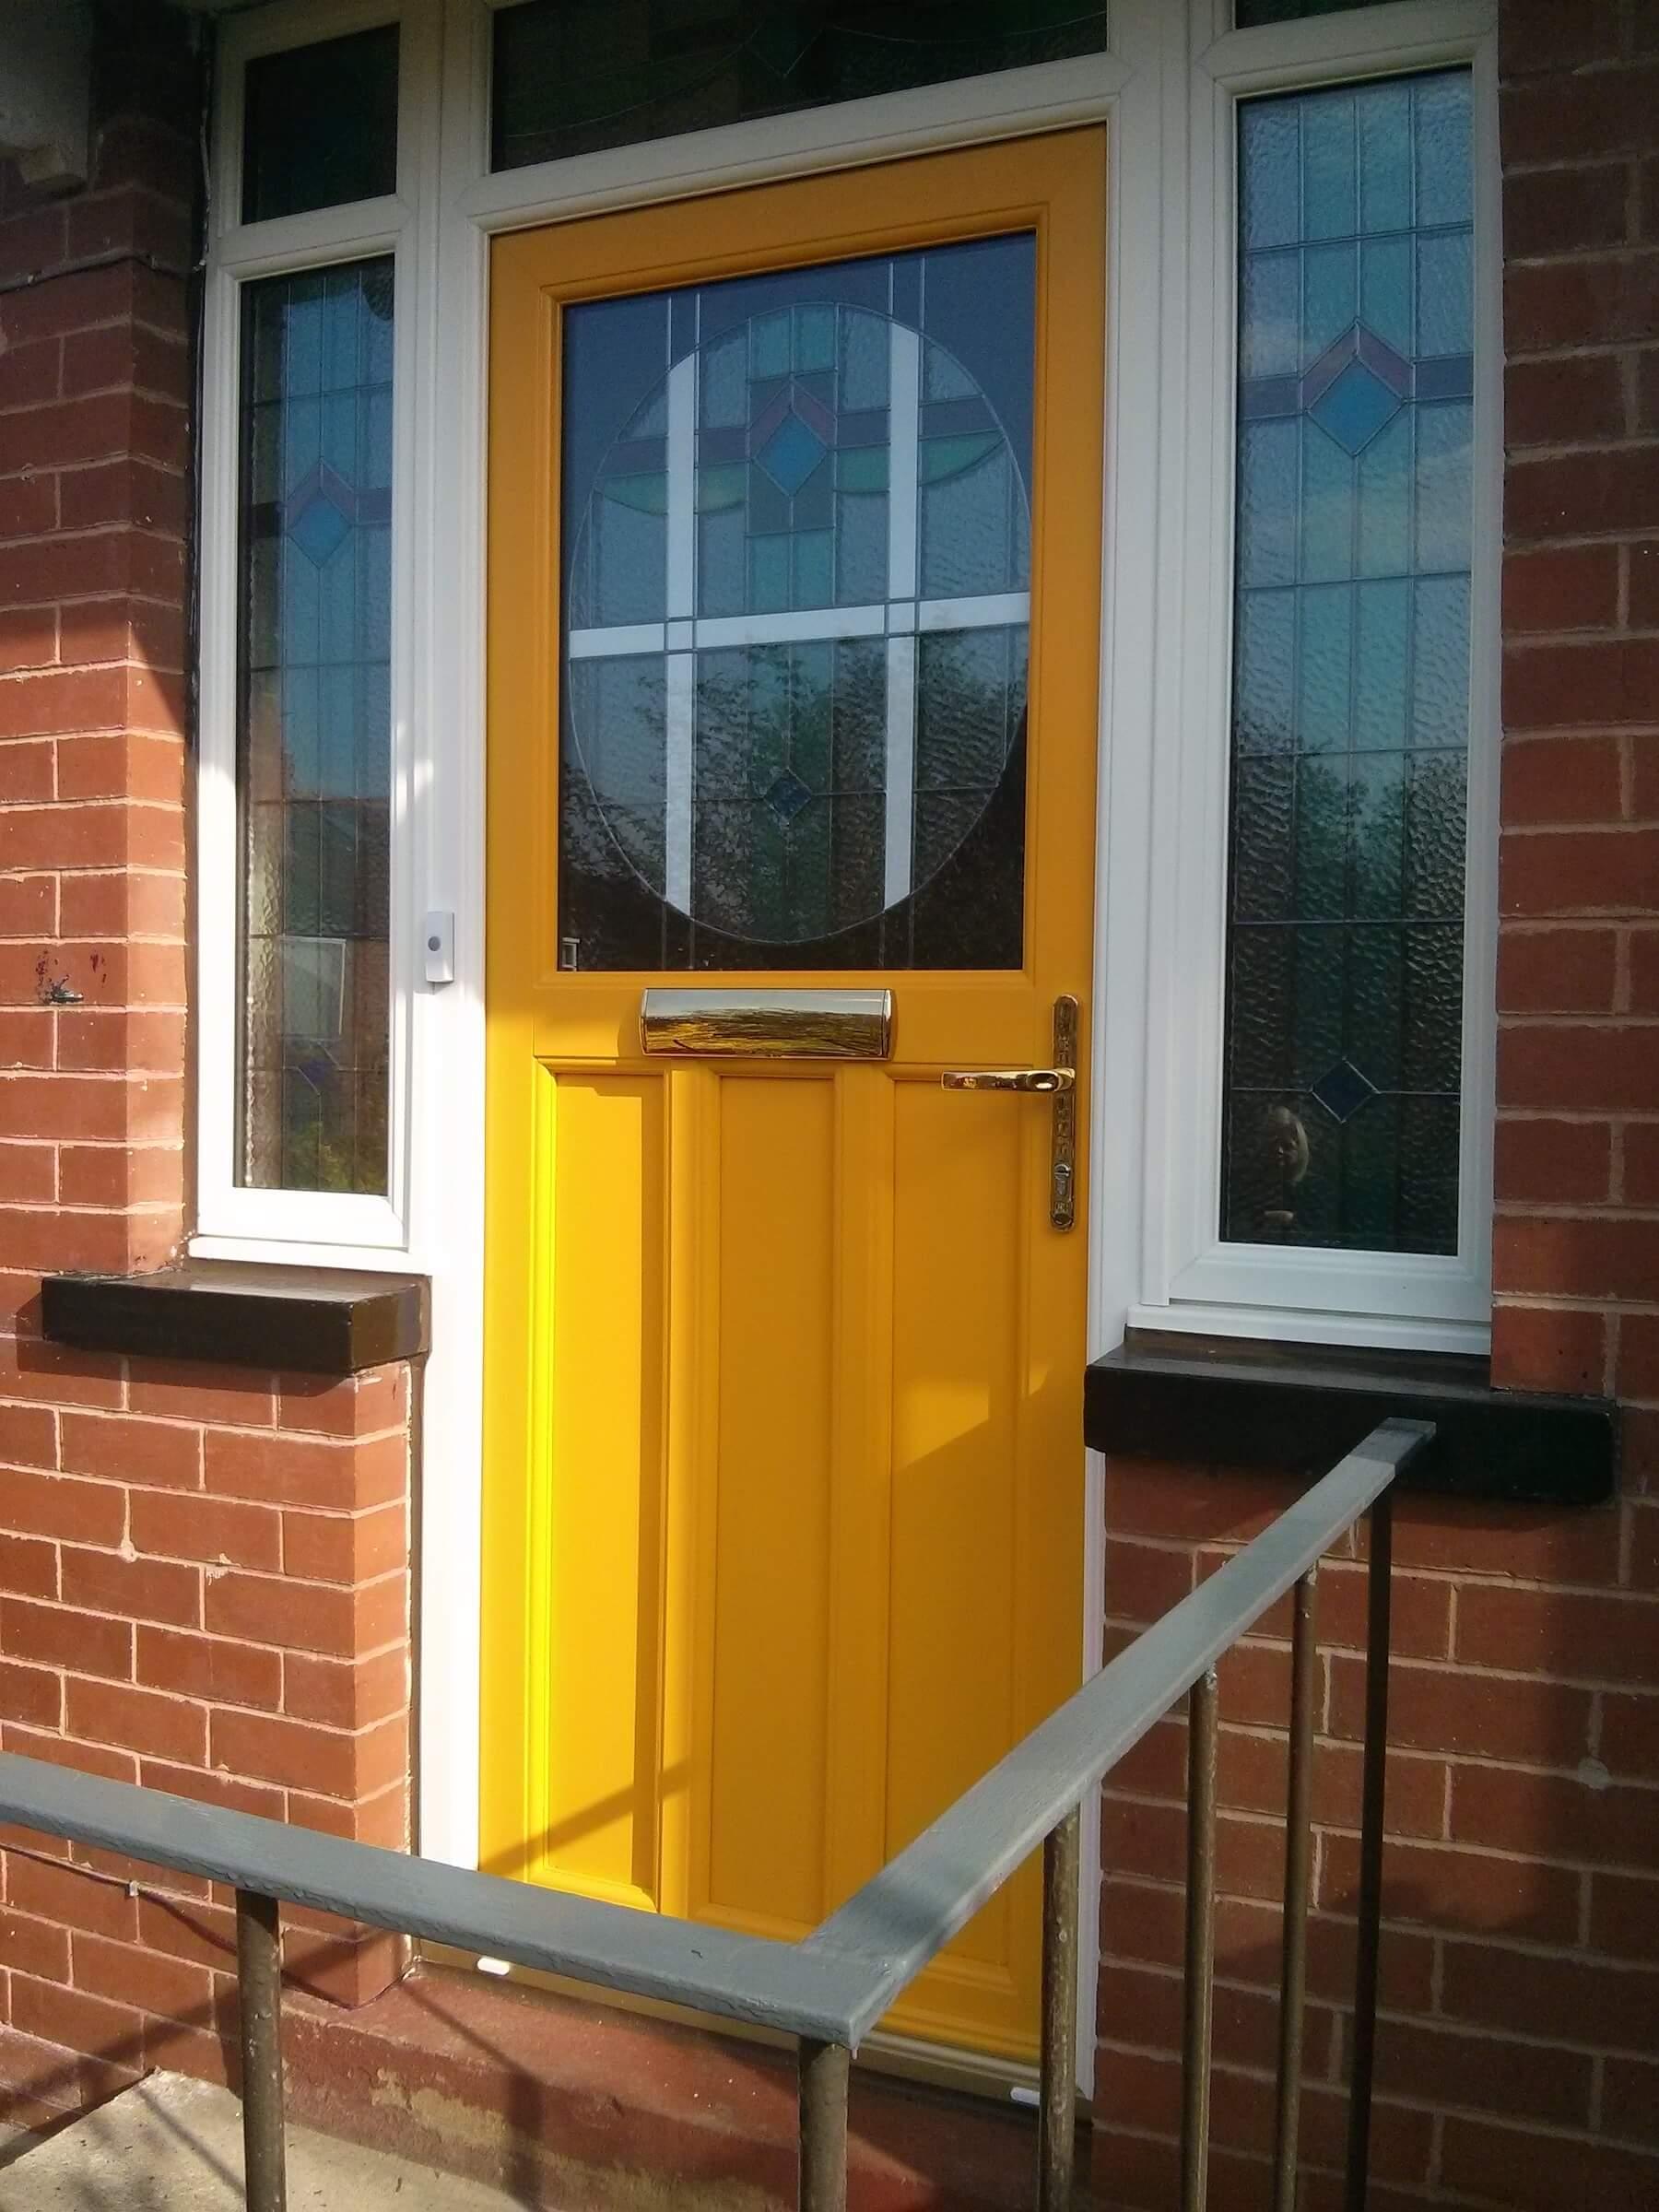 Bright yellow coated door